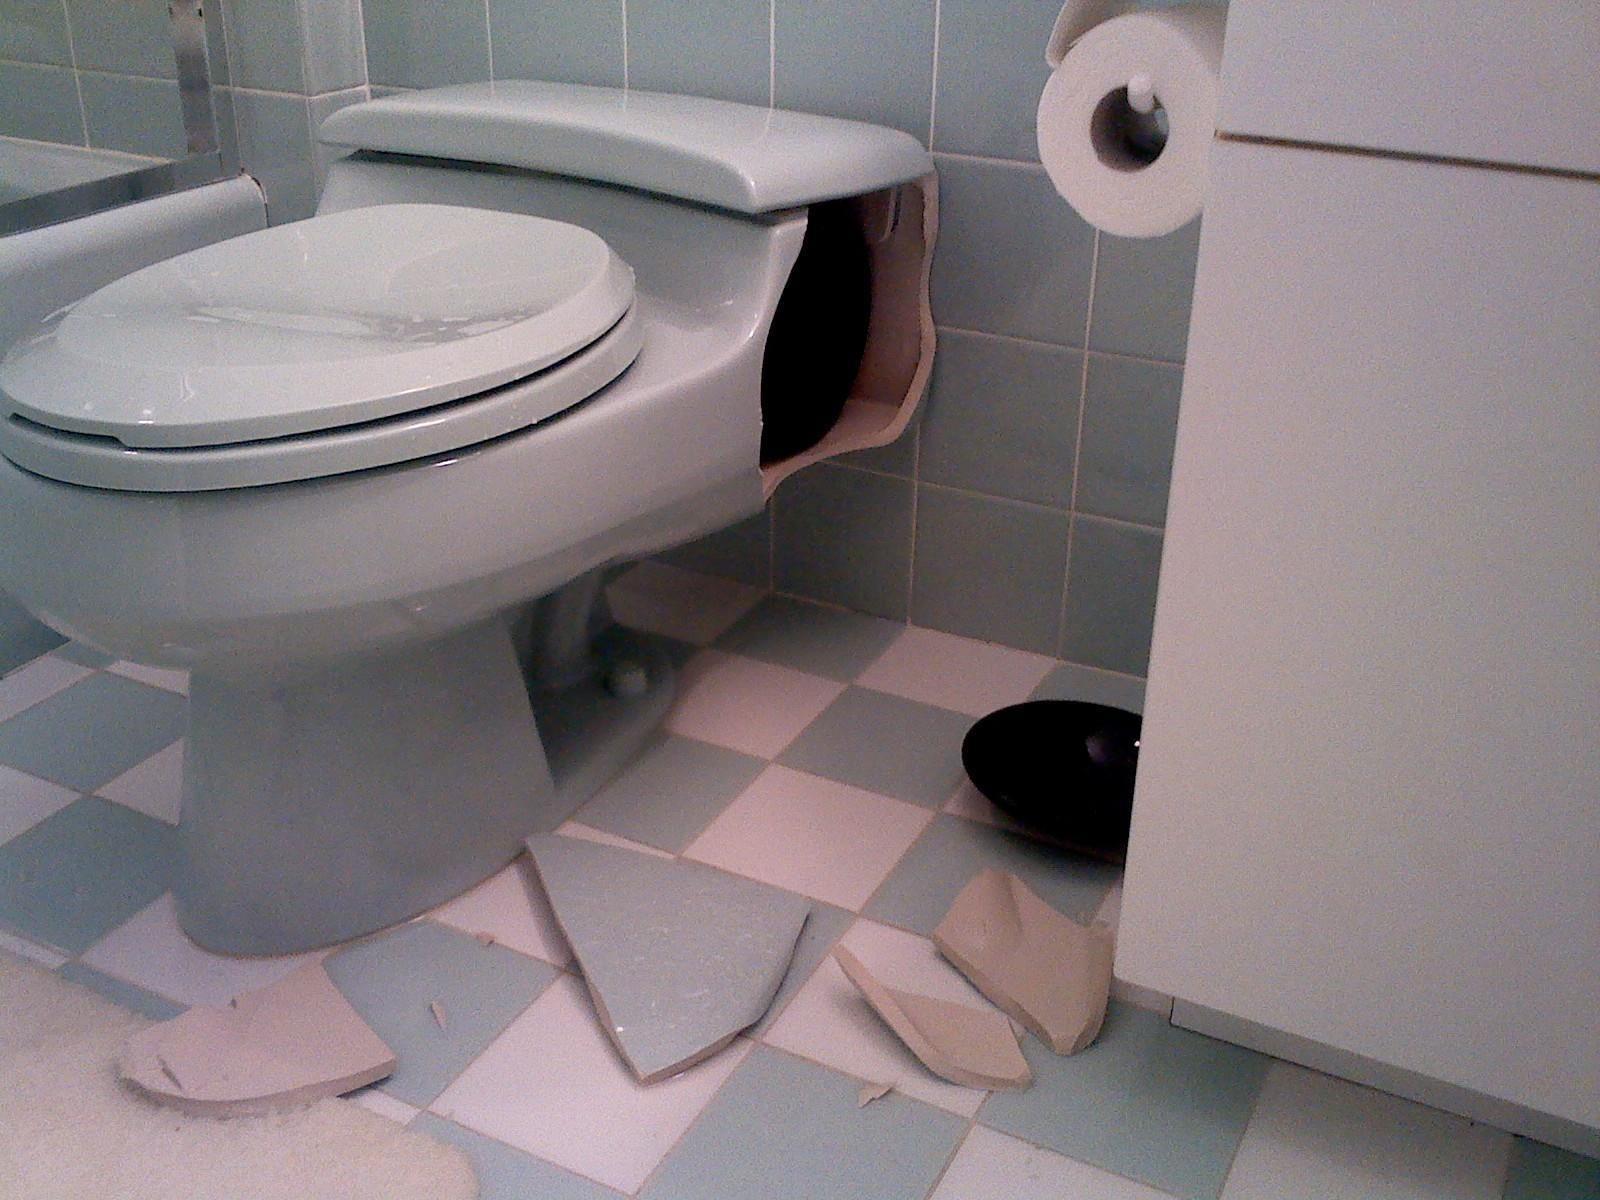 Kohler Led Toilet